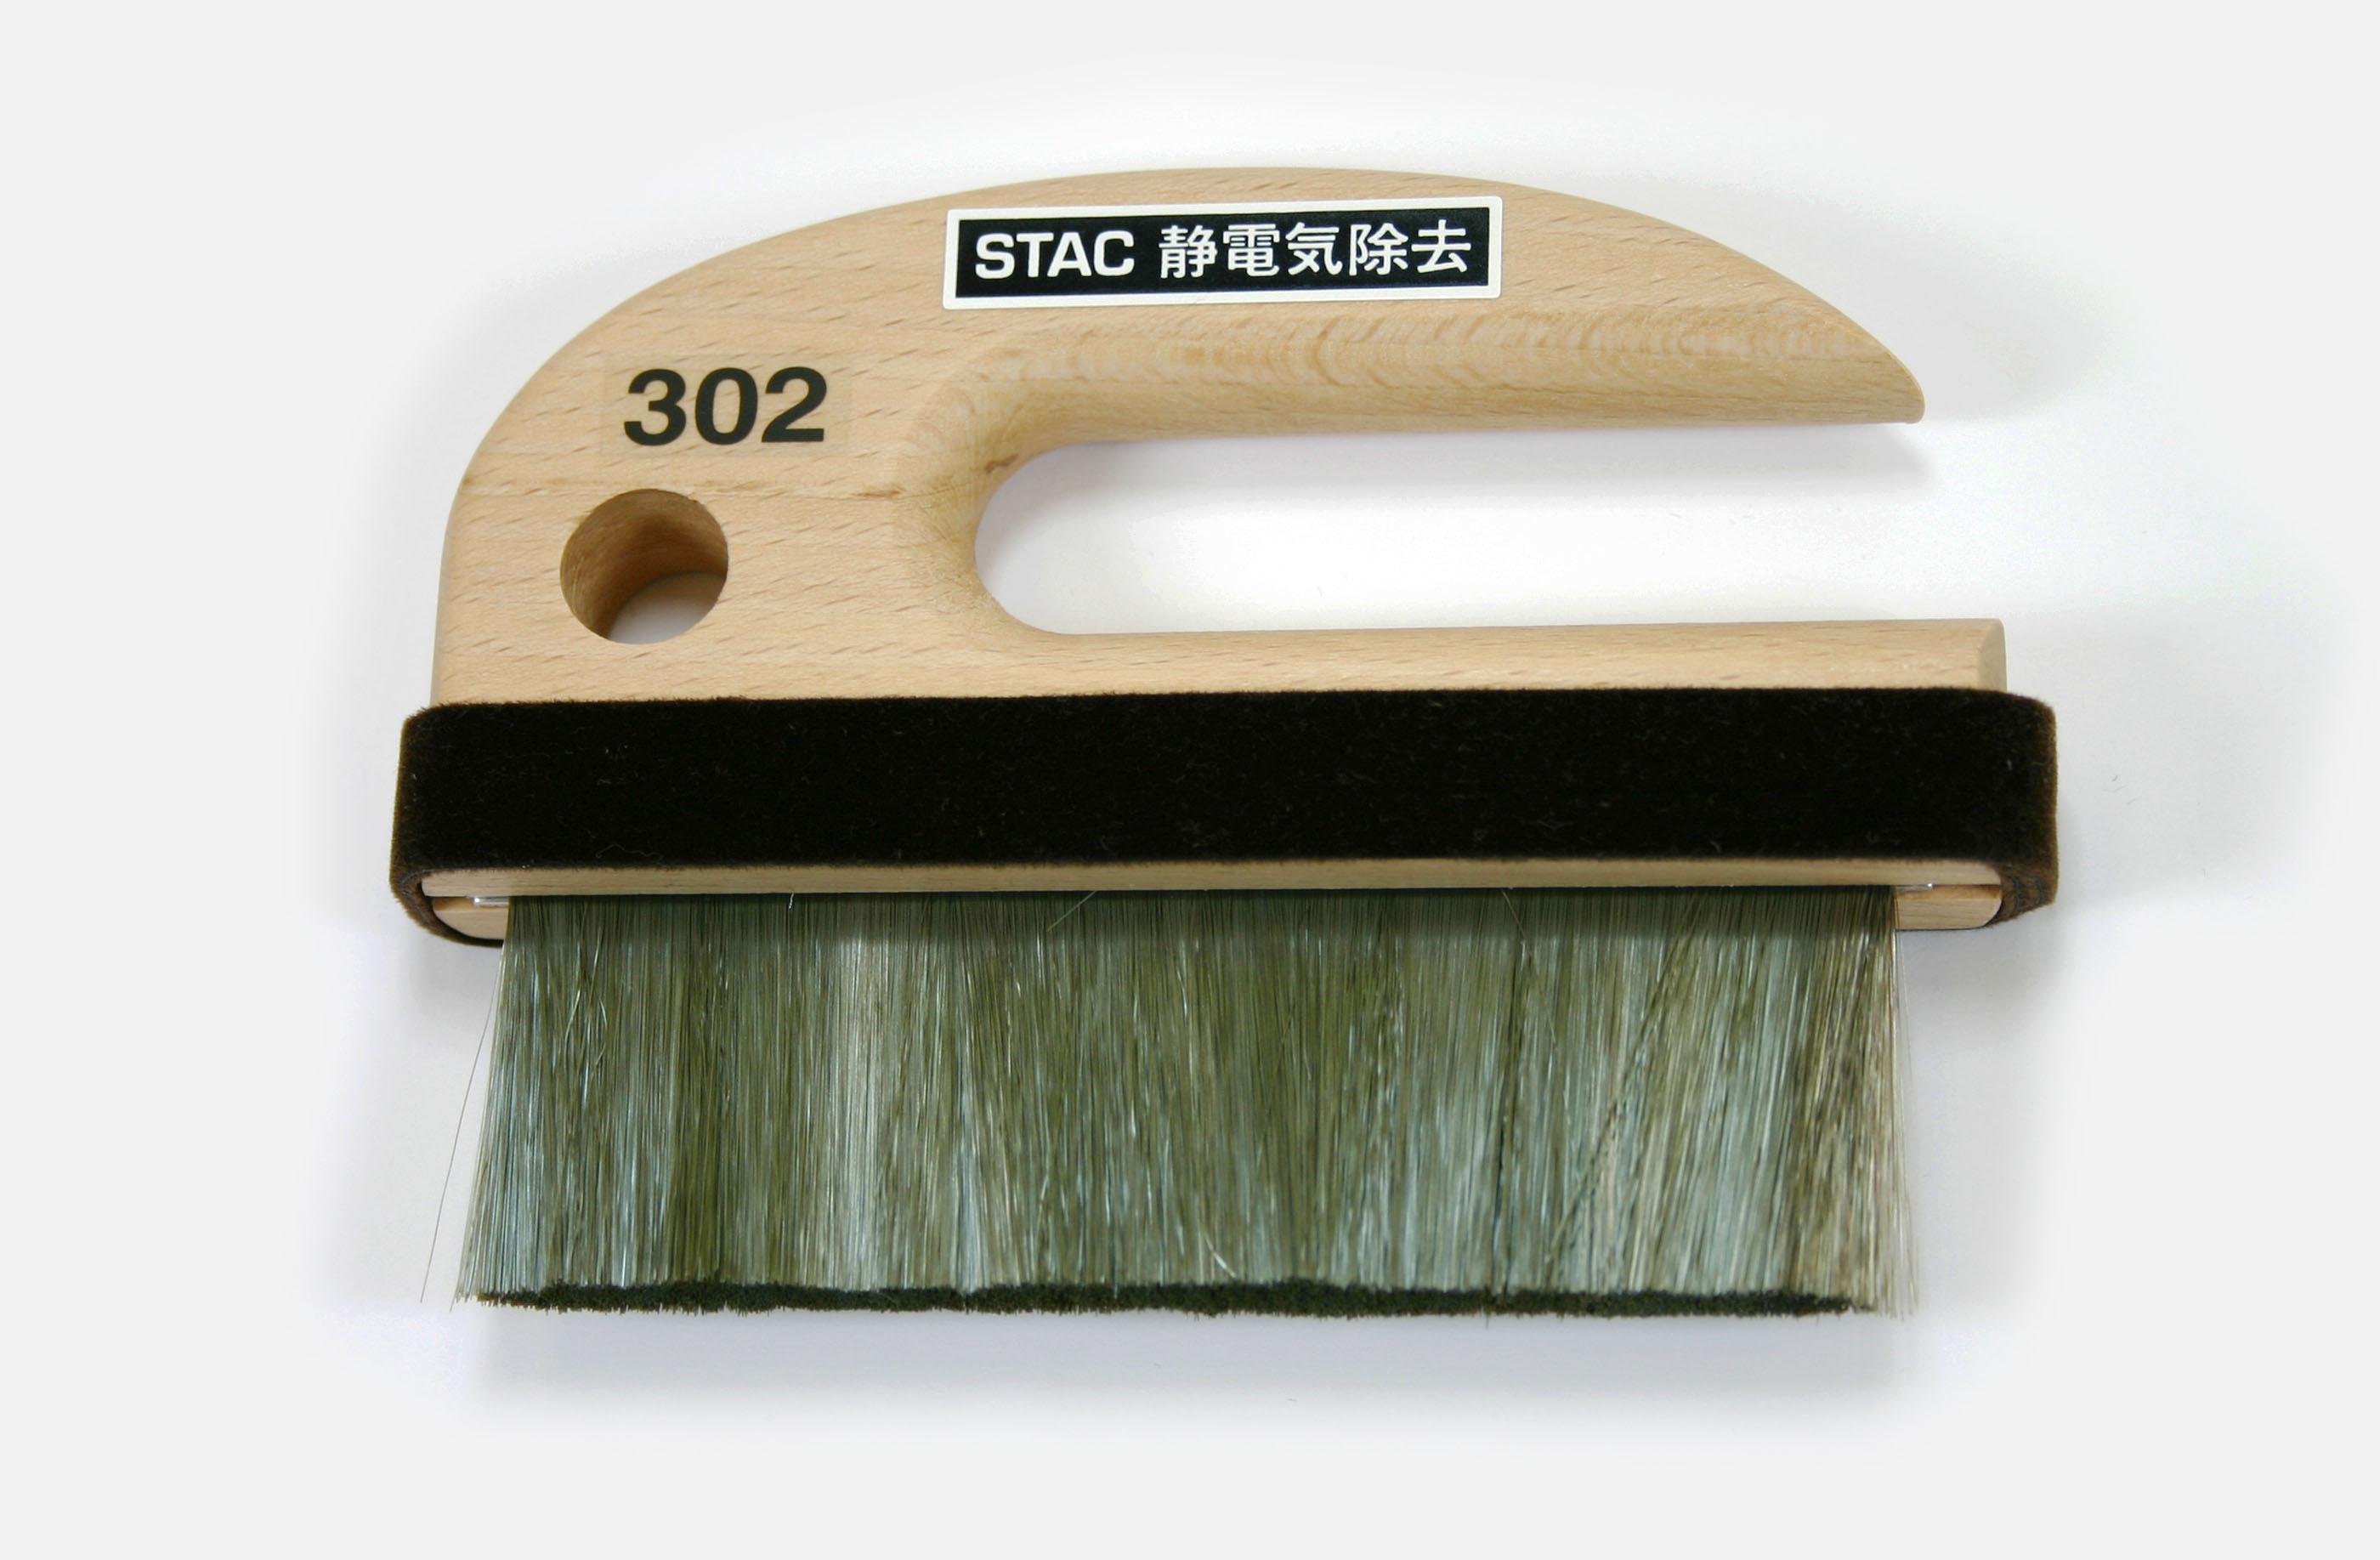 コンパクト木柄ゴールド除電ブラシ ラビット型STAC302